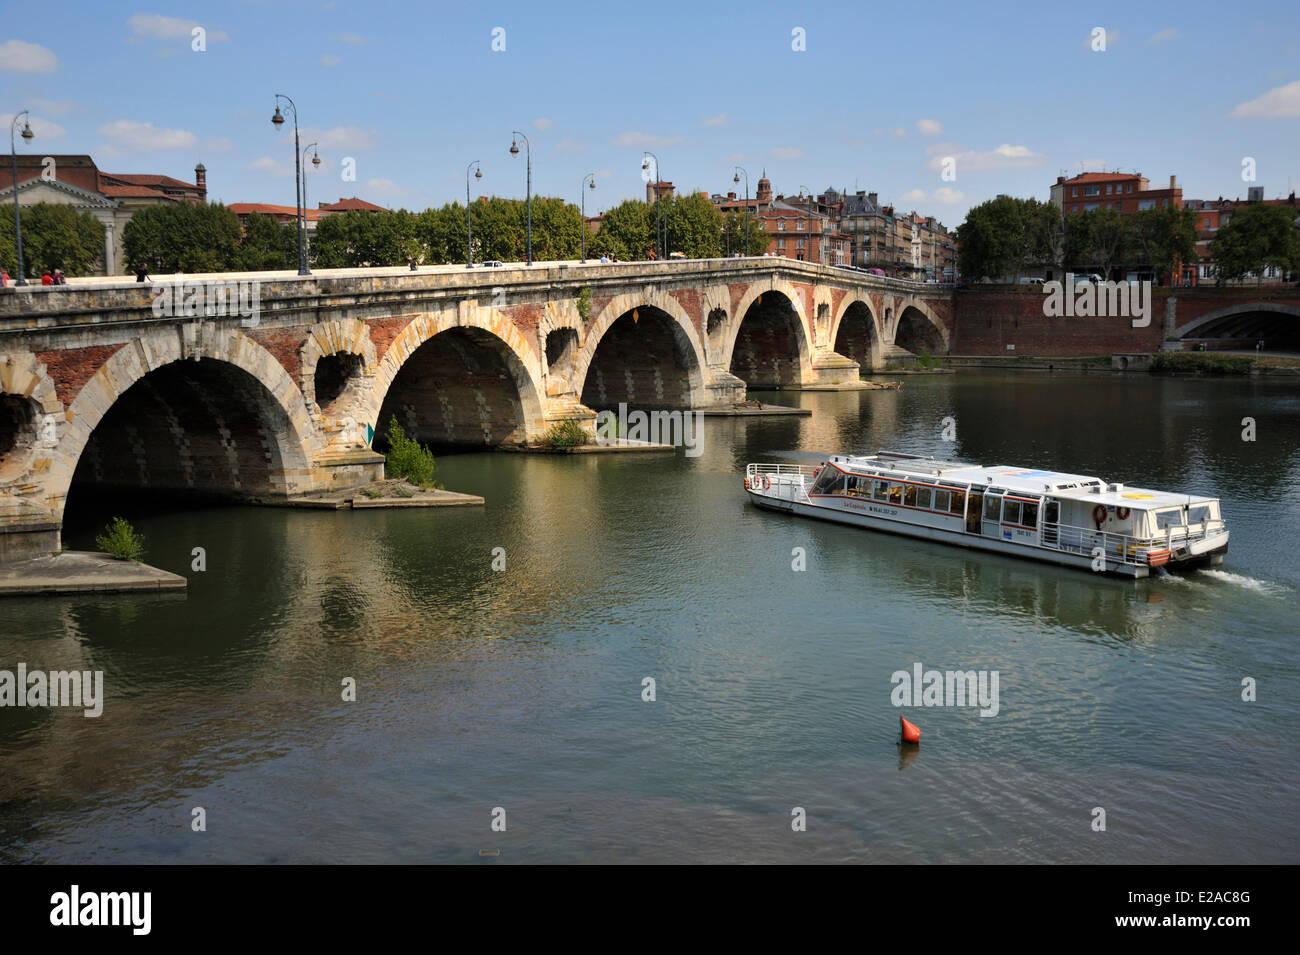 France, Haute Garonne, Toulouse, Pont Neuf over Garonne River - Stock Image